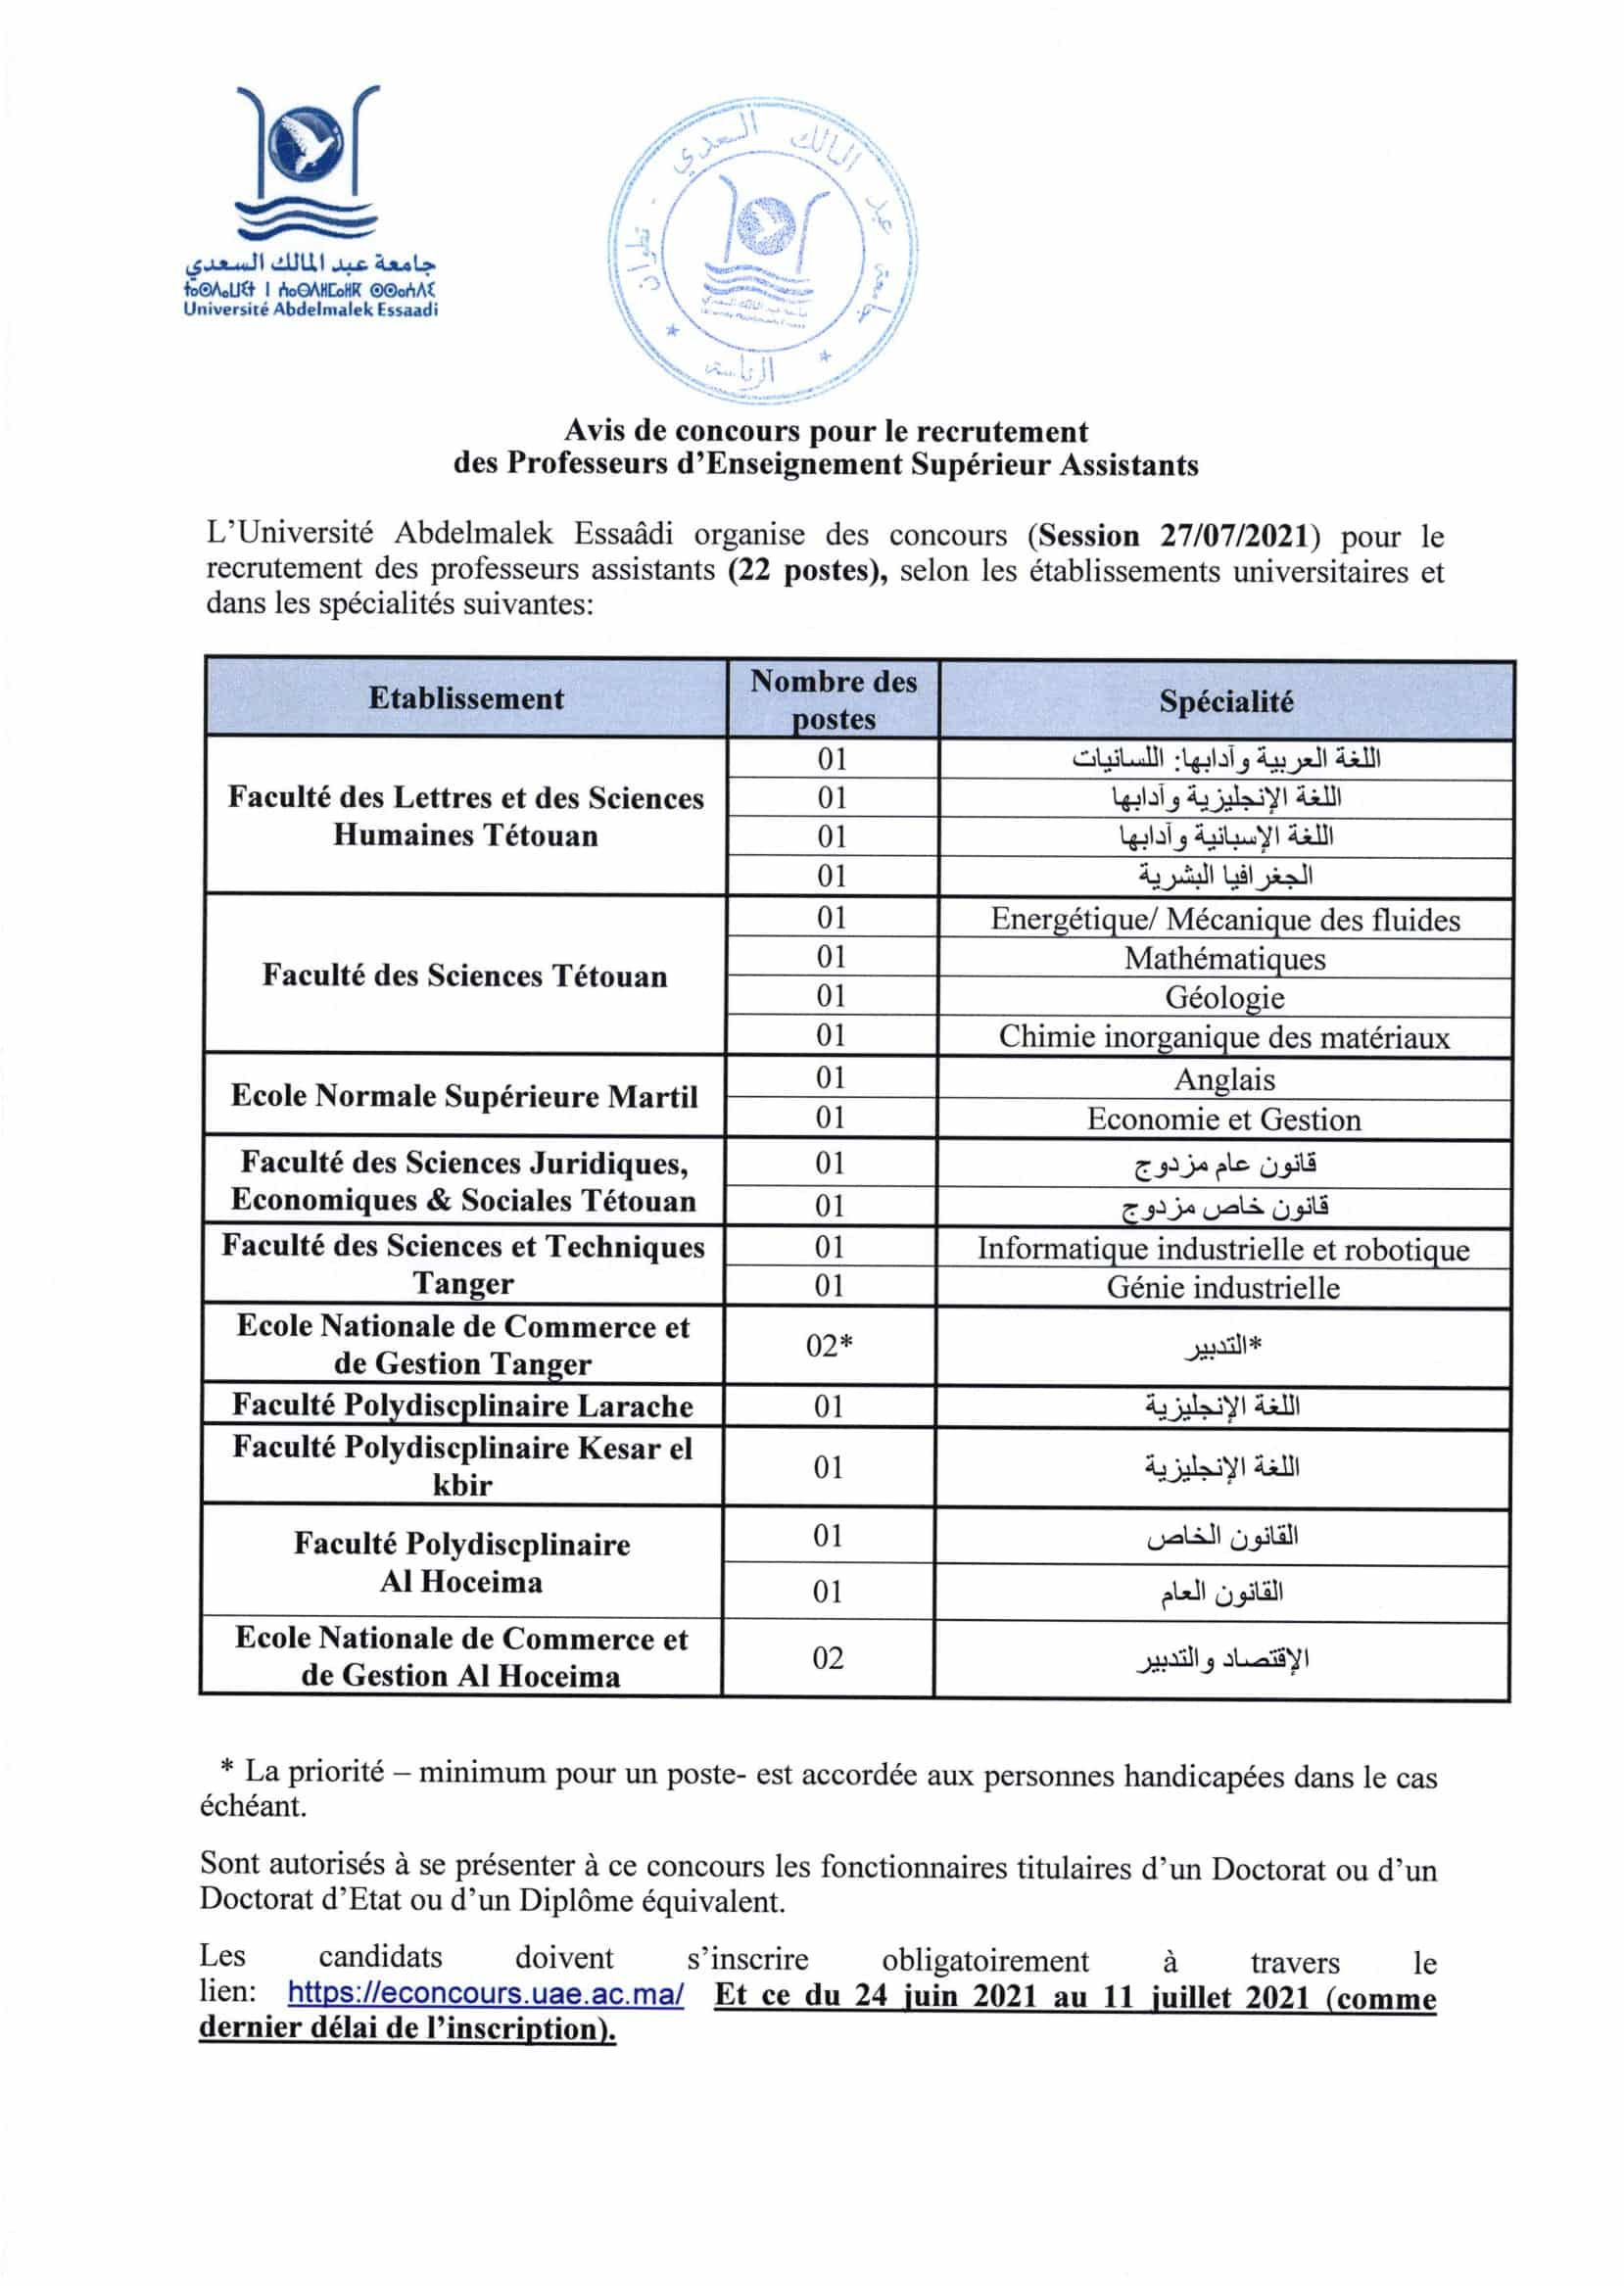 avis concours ArFr 27072021 3 Liste des Convoqués Concours Université Abdelmalek Essaâdi 2021 (40 Postes)